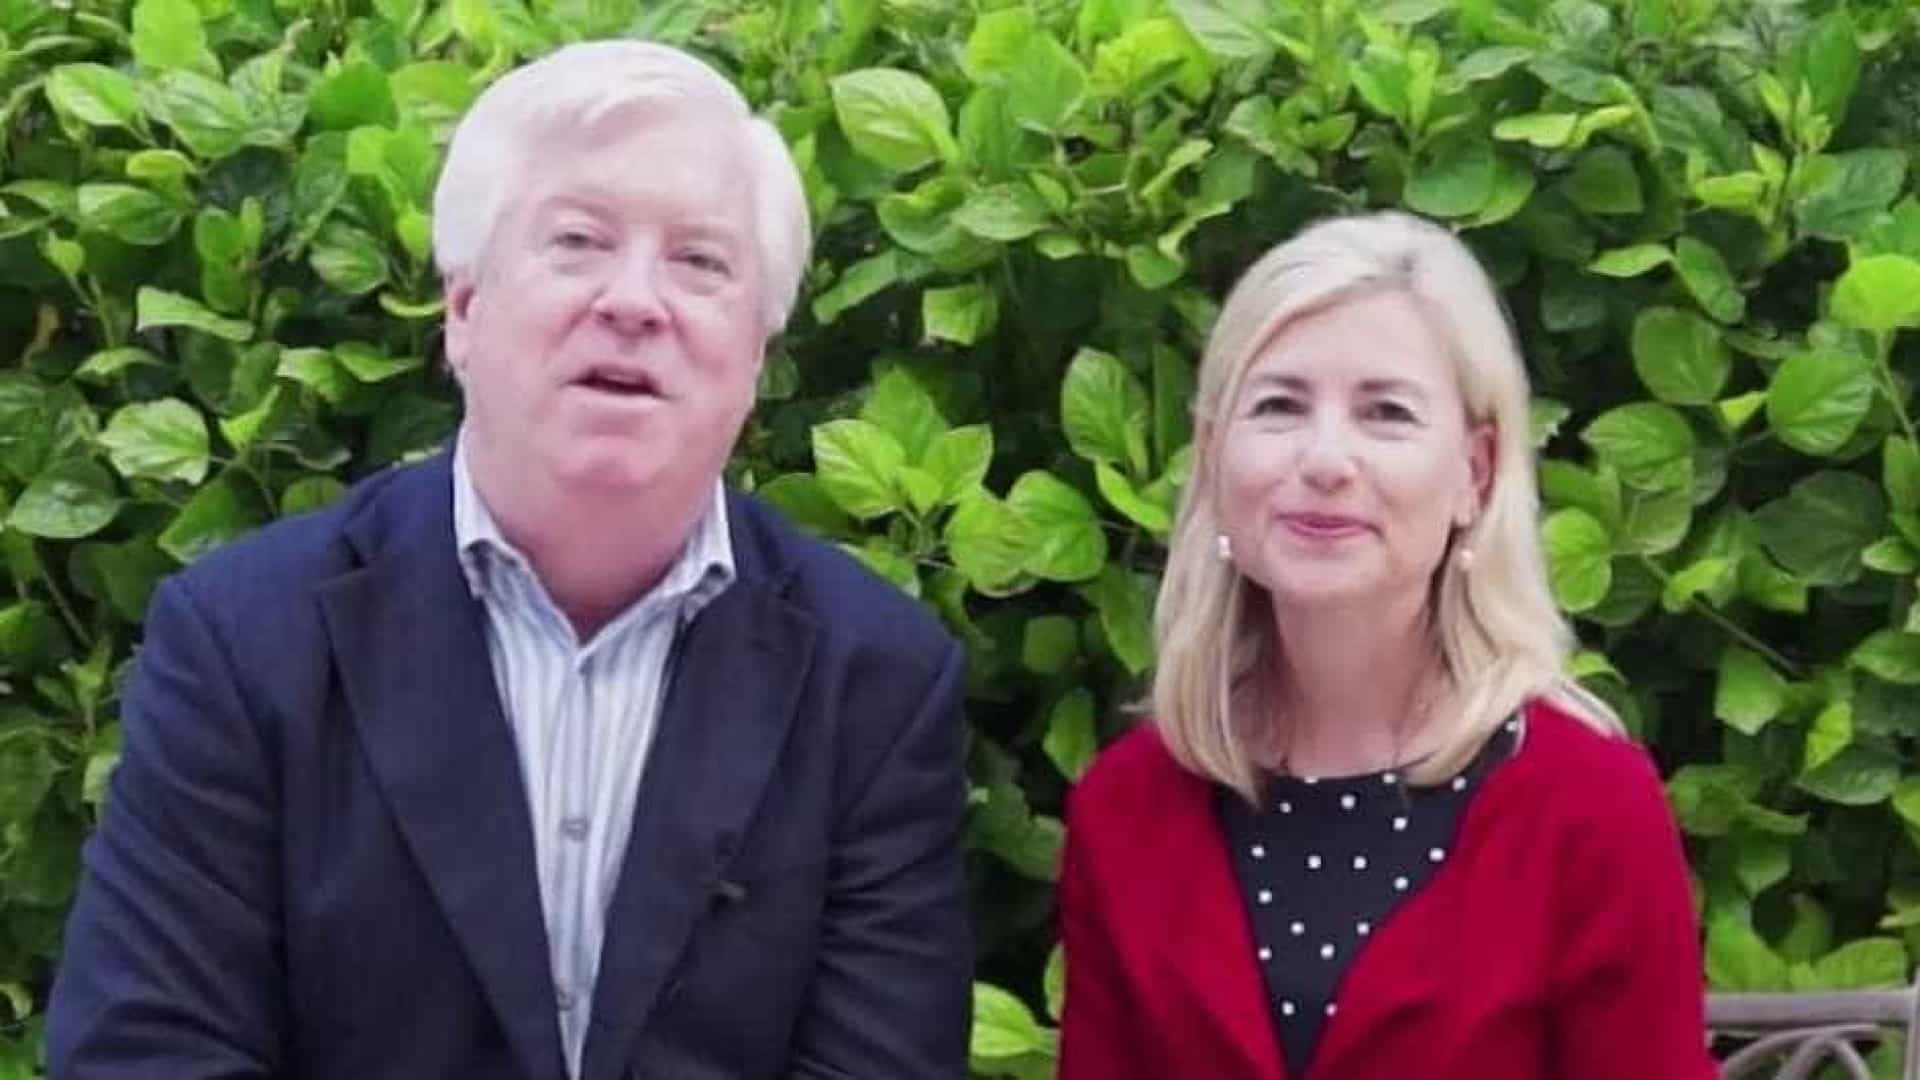 Novo embaixador dos EUA em Portugal apresentou-se em vídeo com humor